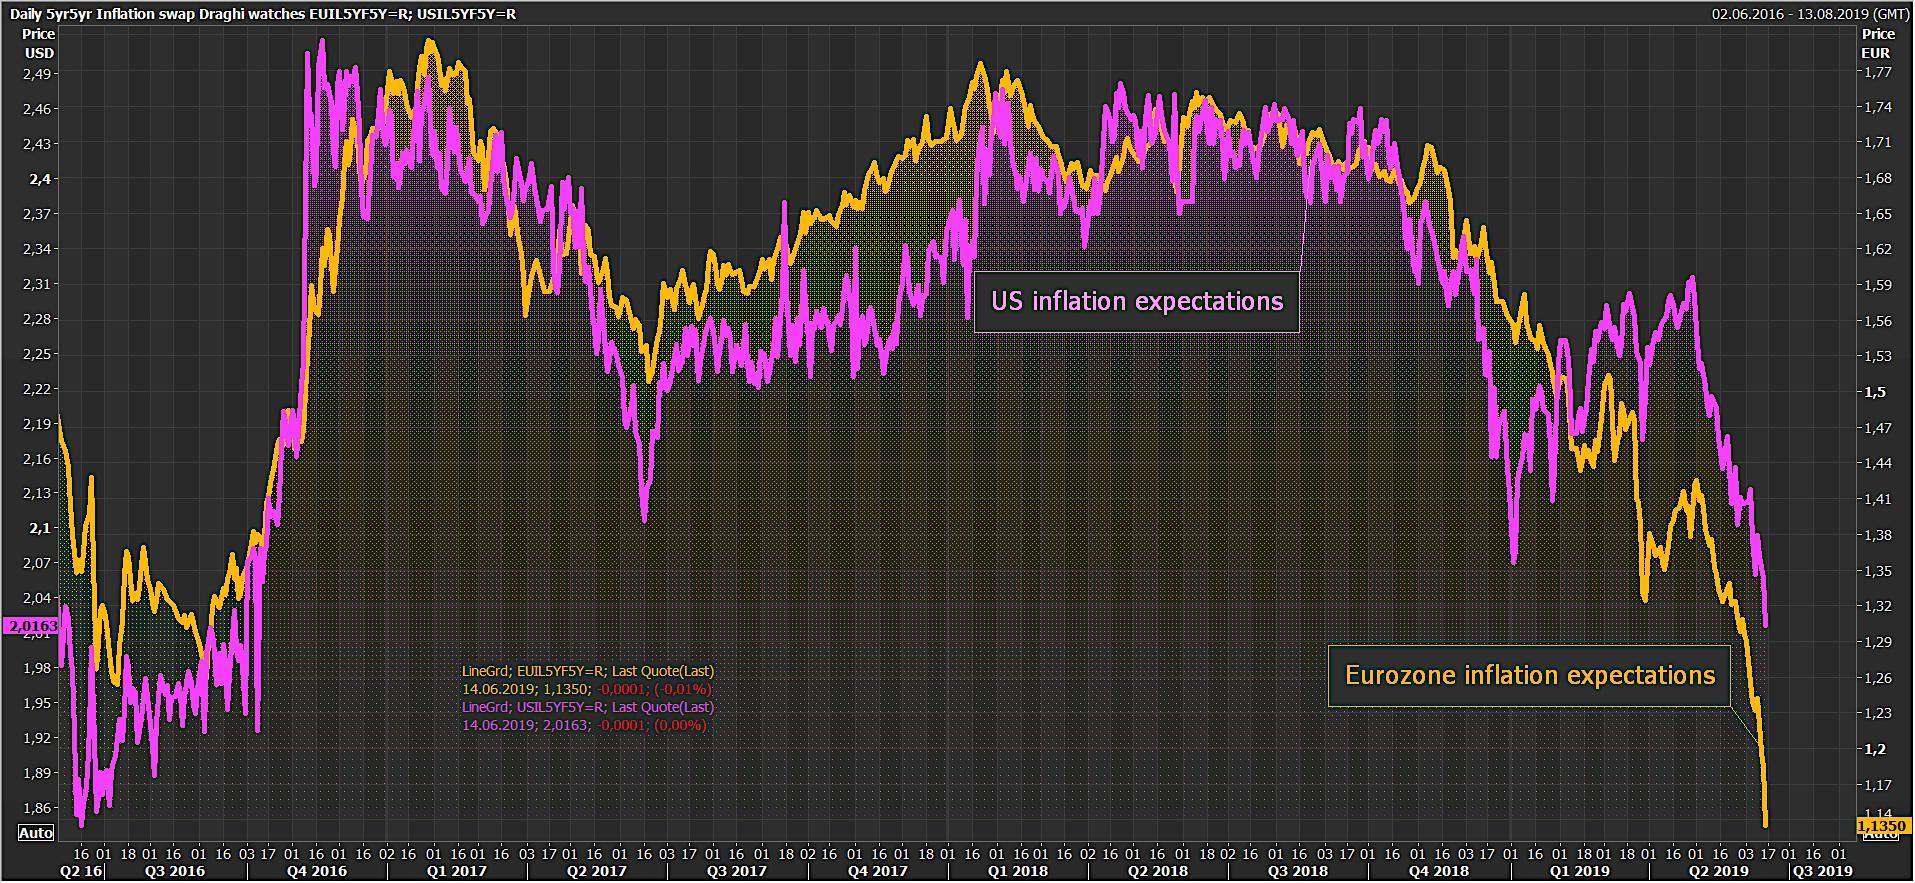 Warning: Il semble que les banques centrales aient totalement perdu le contrôle sur les anticipations d